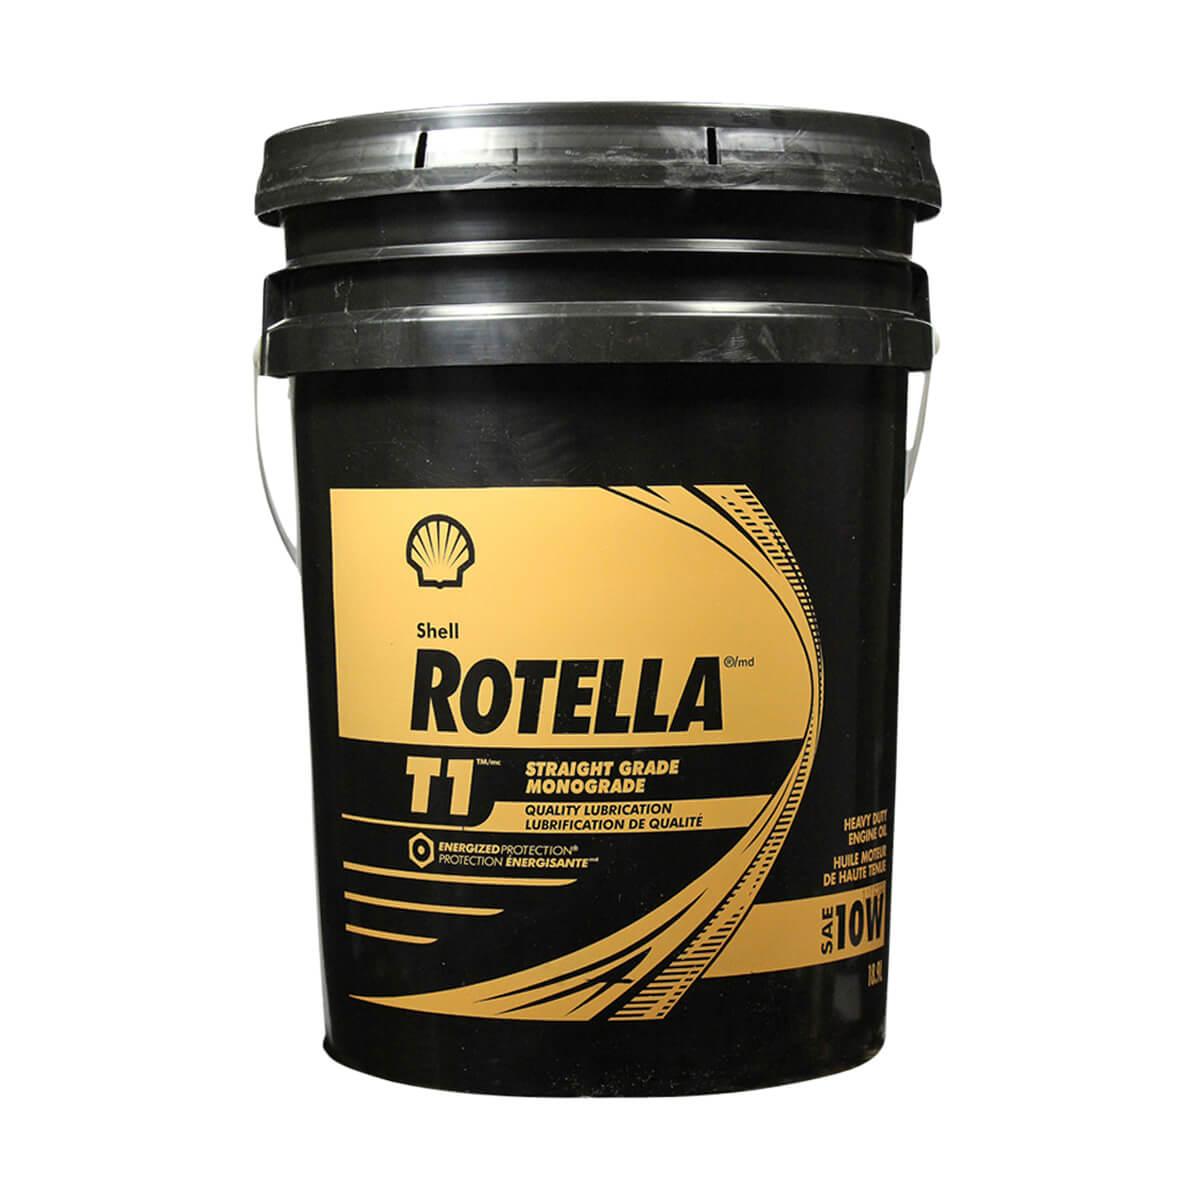 Shell Rotella T1 10W - 18.9 L